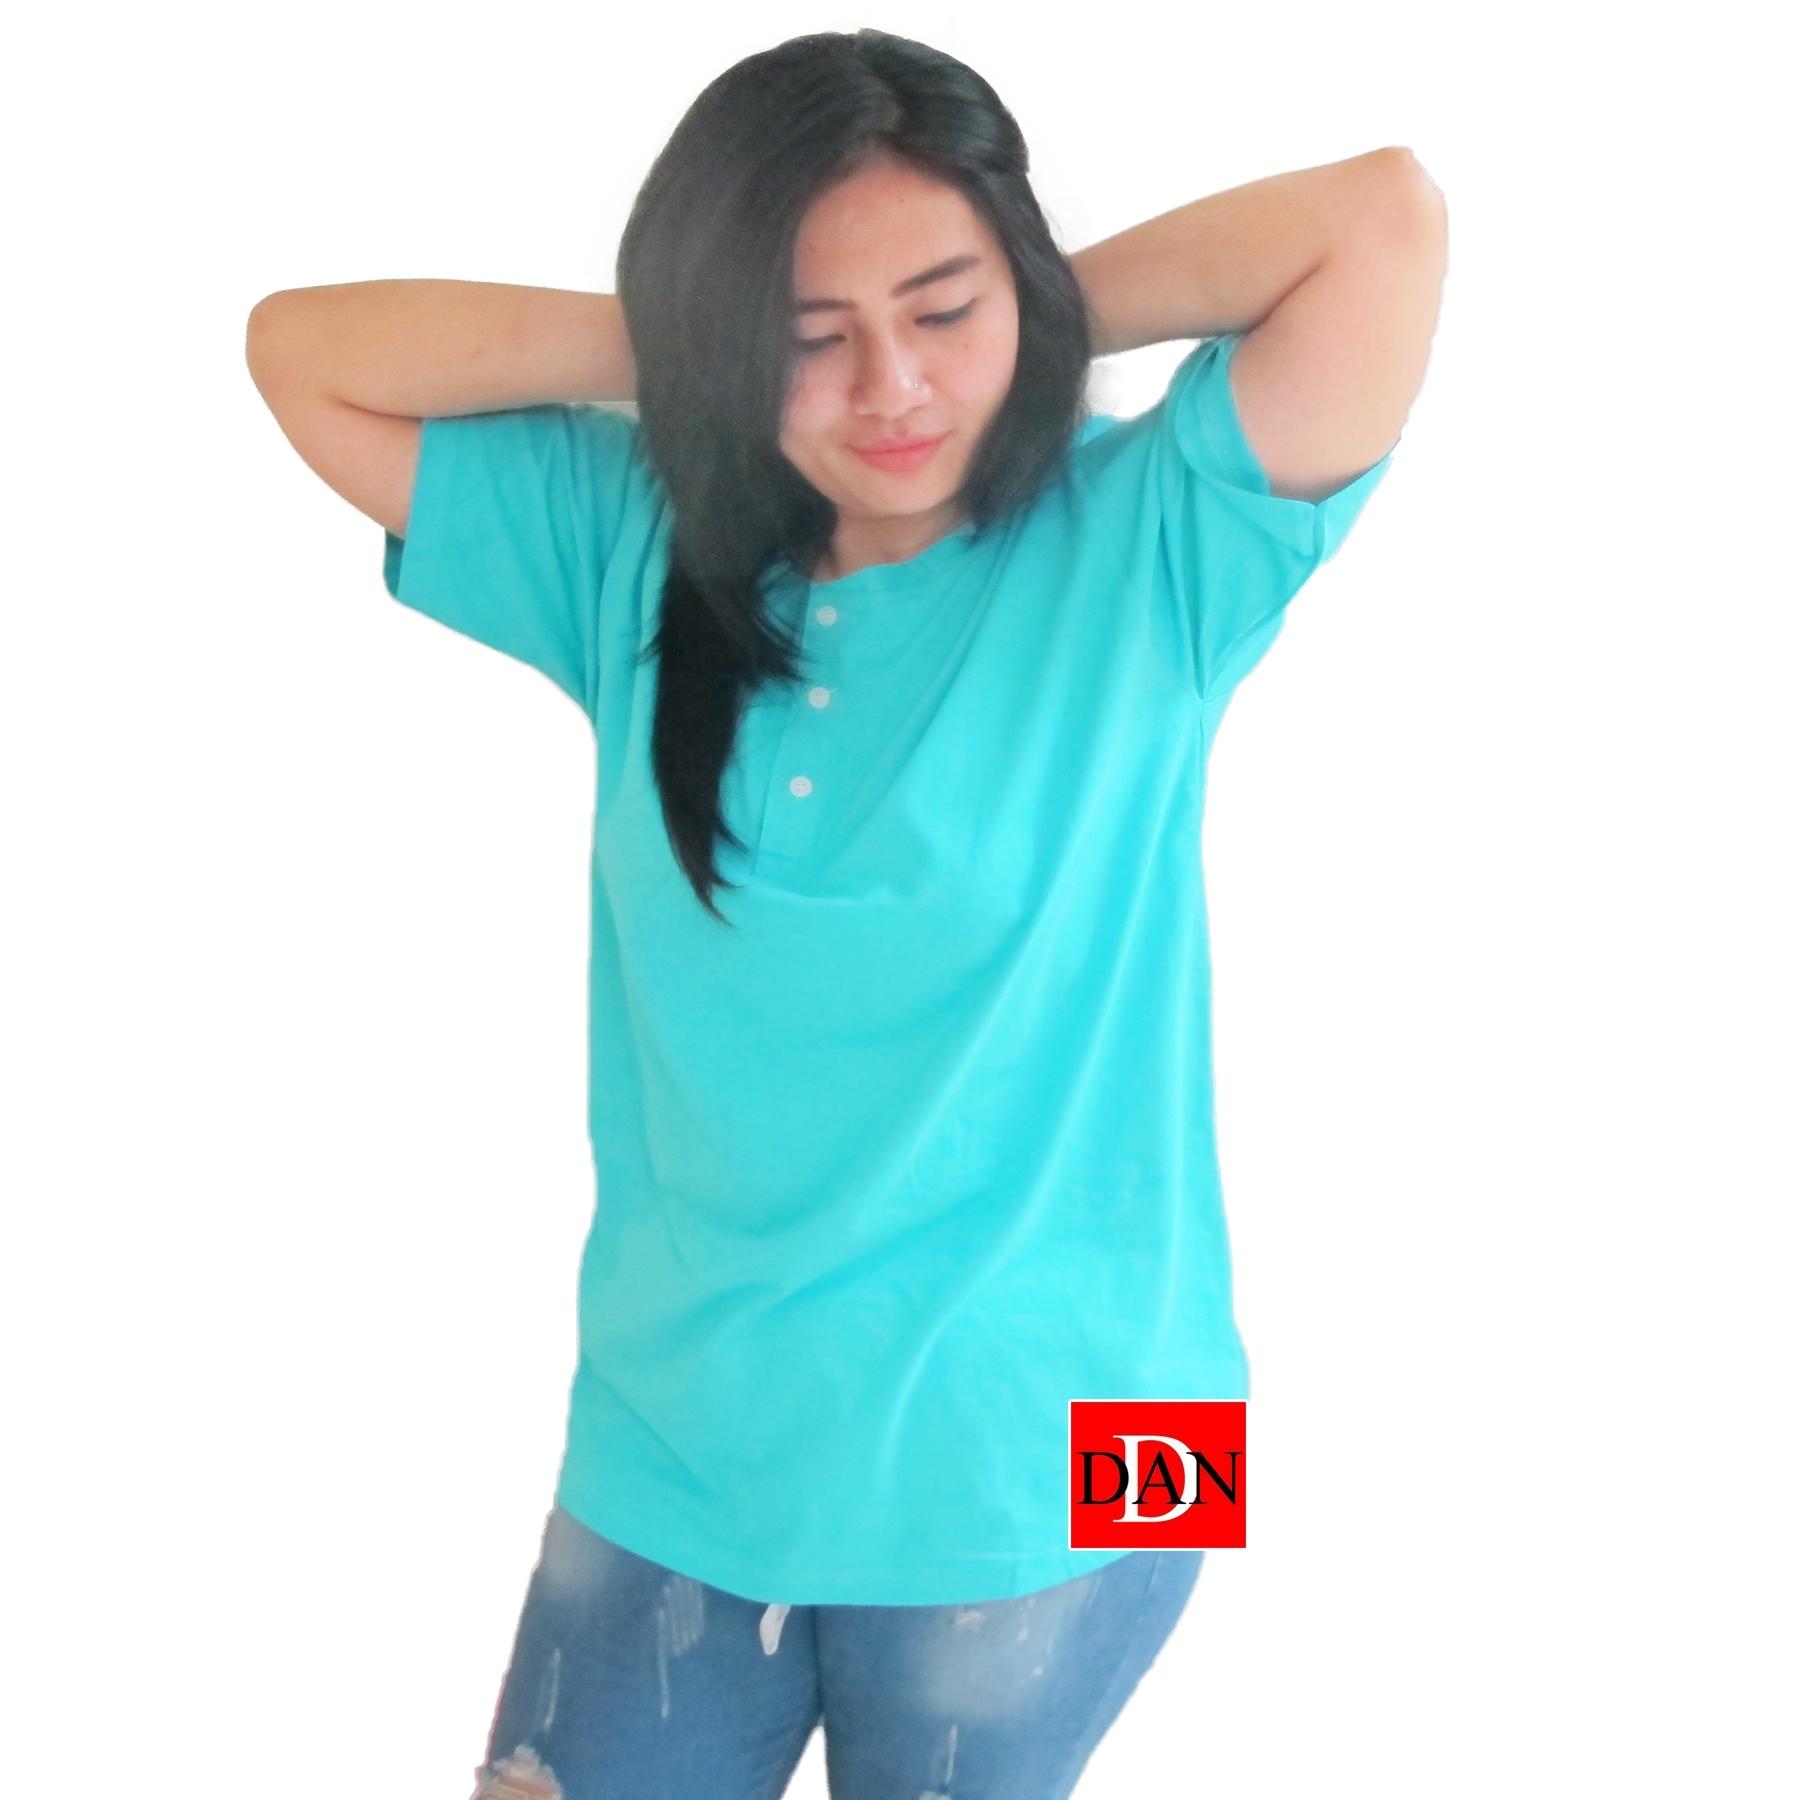 เสื้อยืดคอจีน Cotton100% XL สีฟ้าทะเล